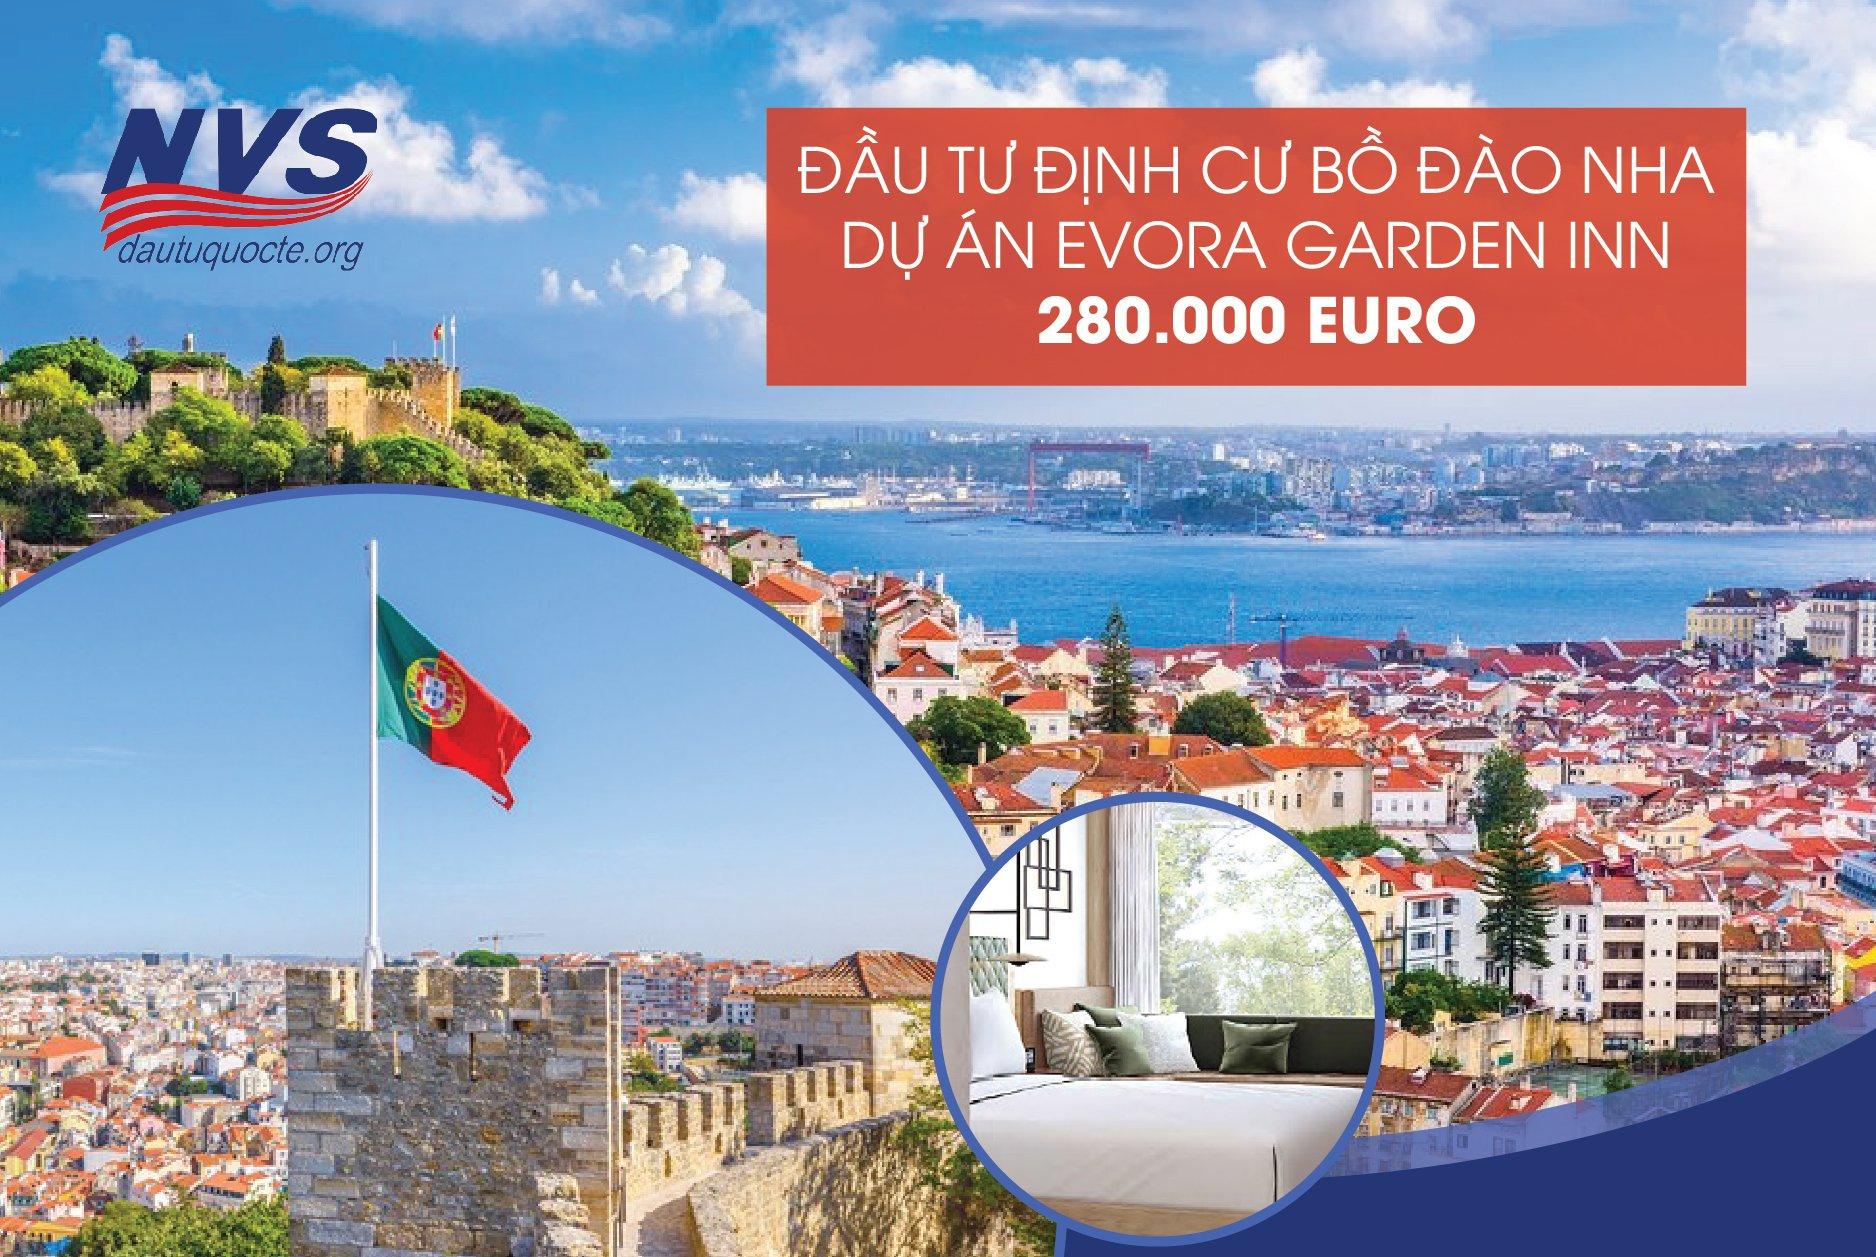 dự án khách sạn Evora Garden định cư Bồ Đào Nha chỉ 280,000 EUR